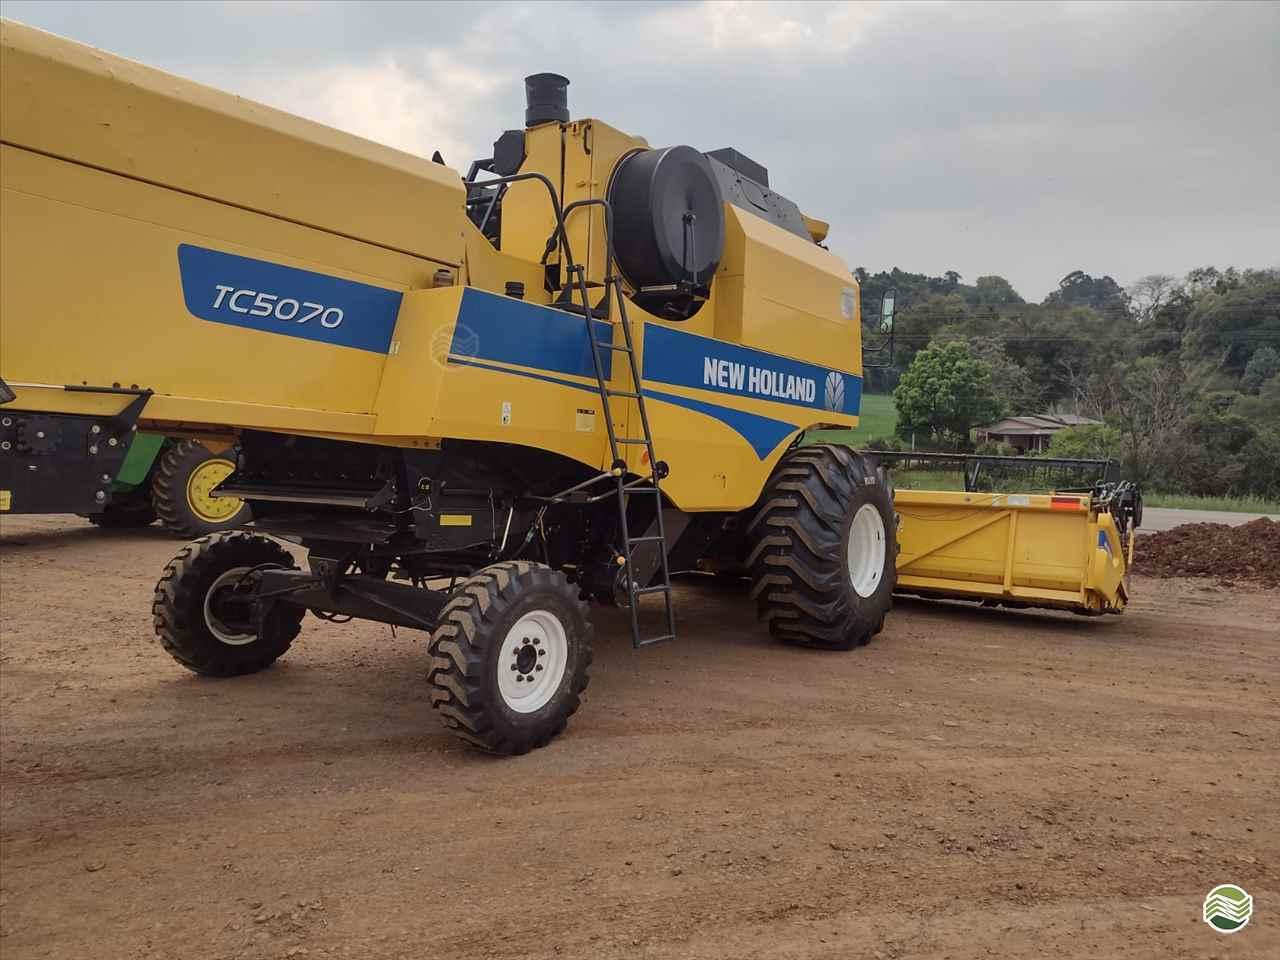 TC 5070 de Martins e Quadros - CARAZINHO/RS